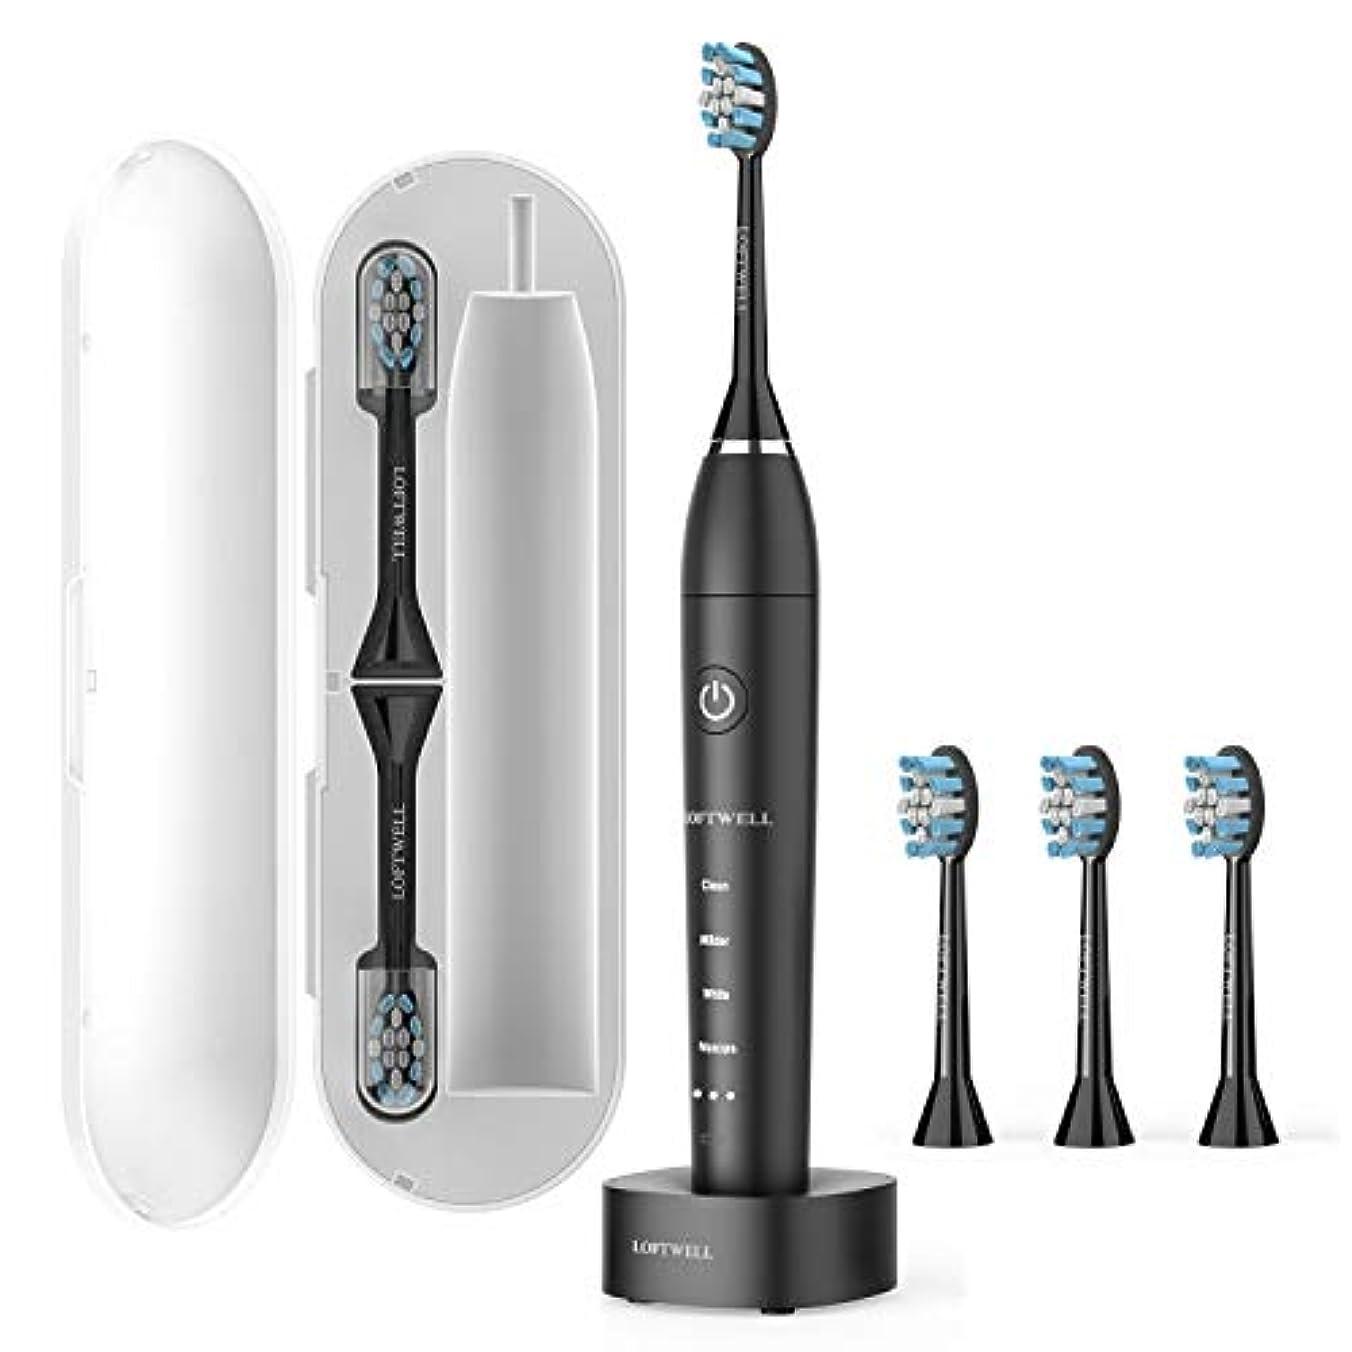 やりがいのある放つ床電動歯ブラシ USB充電式 LOFTWELL 音波歯ブラシ 4モード 超音波 歯ブラシ 2分間オートタイマー機能搭載 フル充電20日使え IPX7防水 替えブラシ6本付き (D5-電動歯ブラシ)